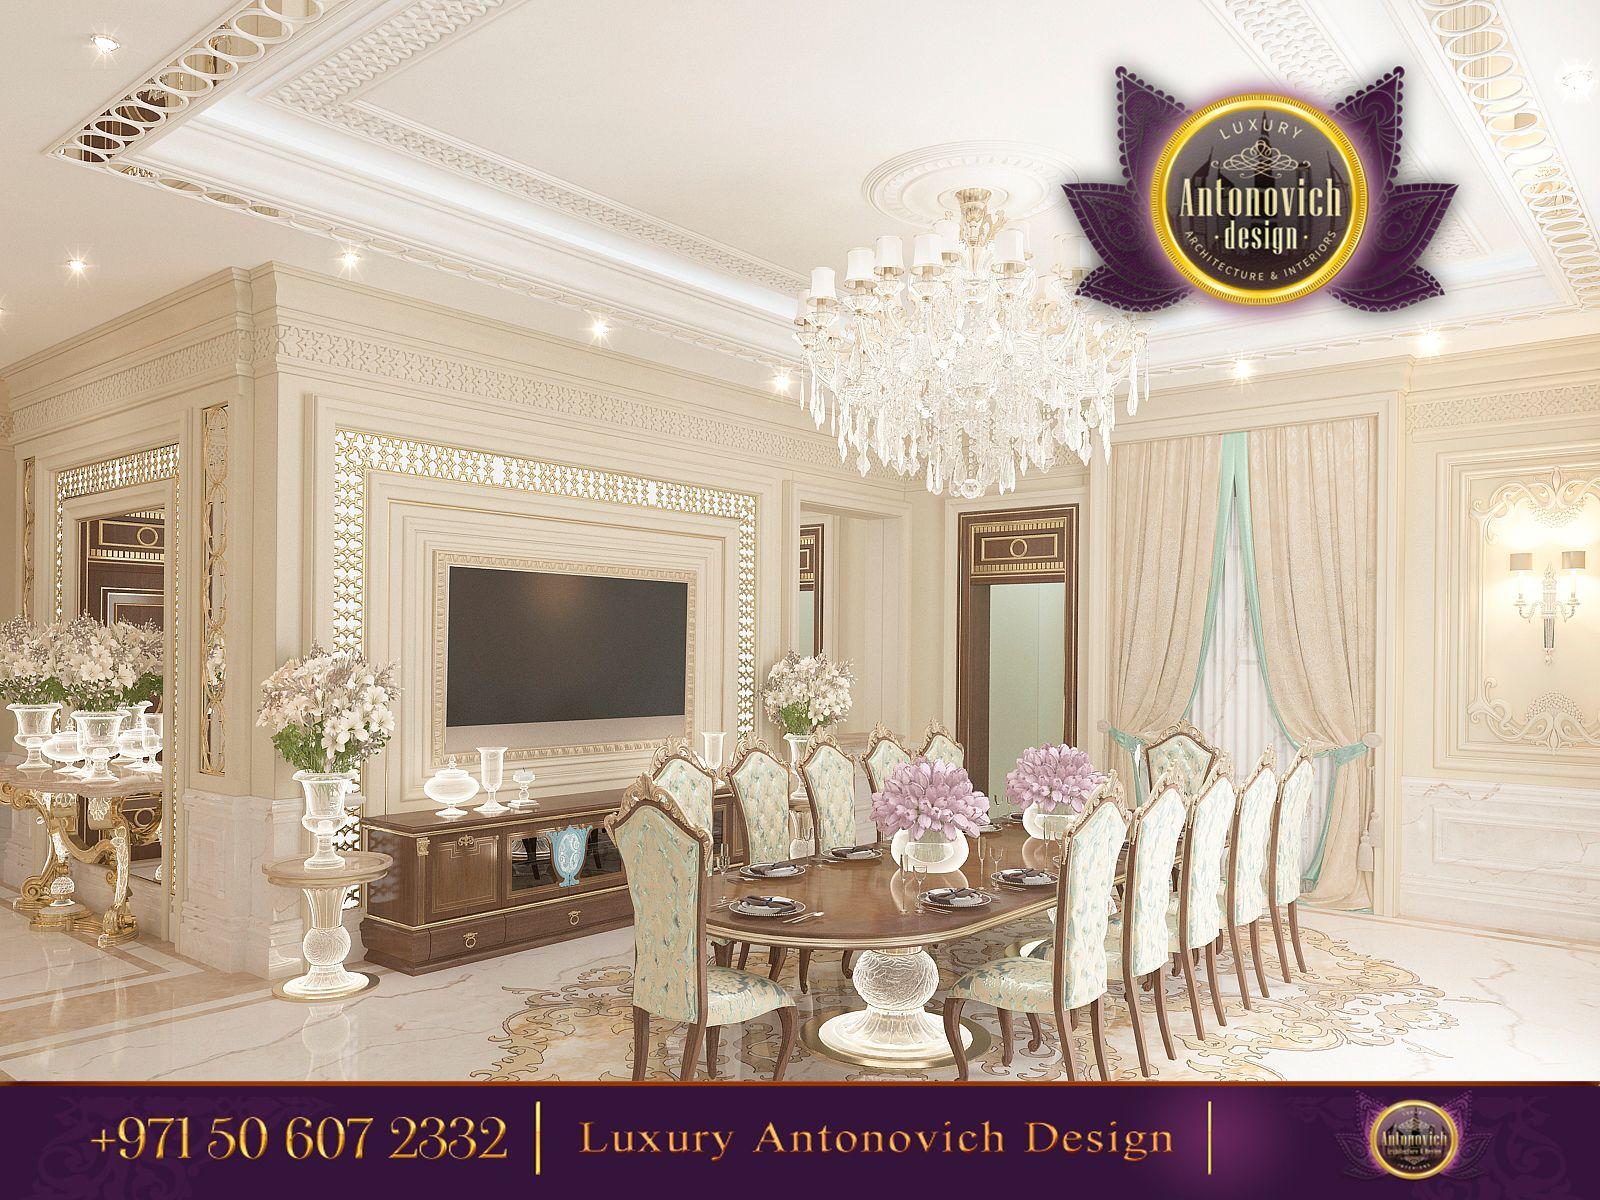 Innenarchitektur von schlafzimmermöbeln pin von napoleon auf haus  pinterest  haus